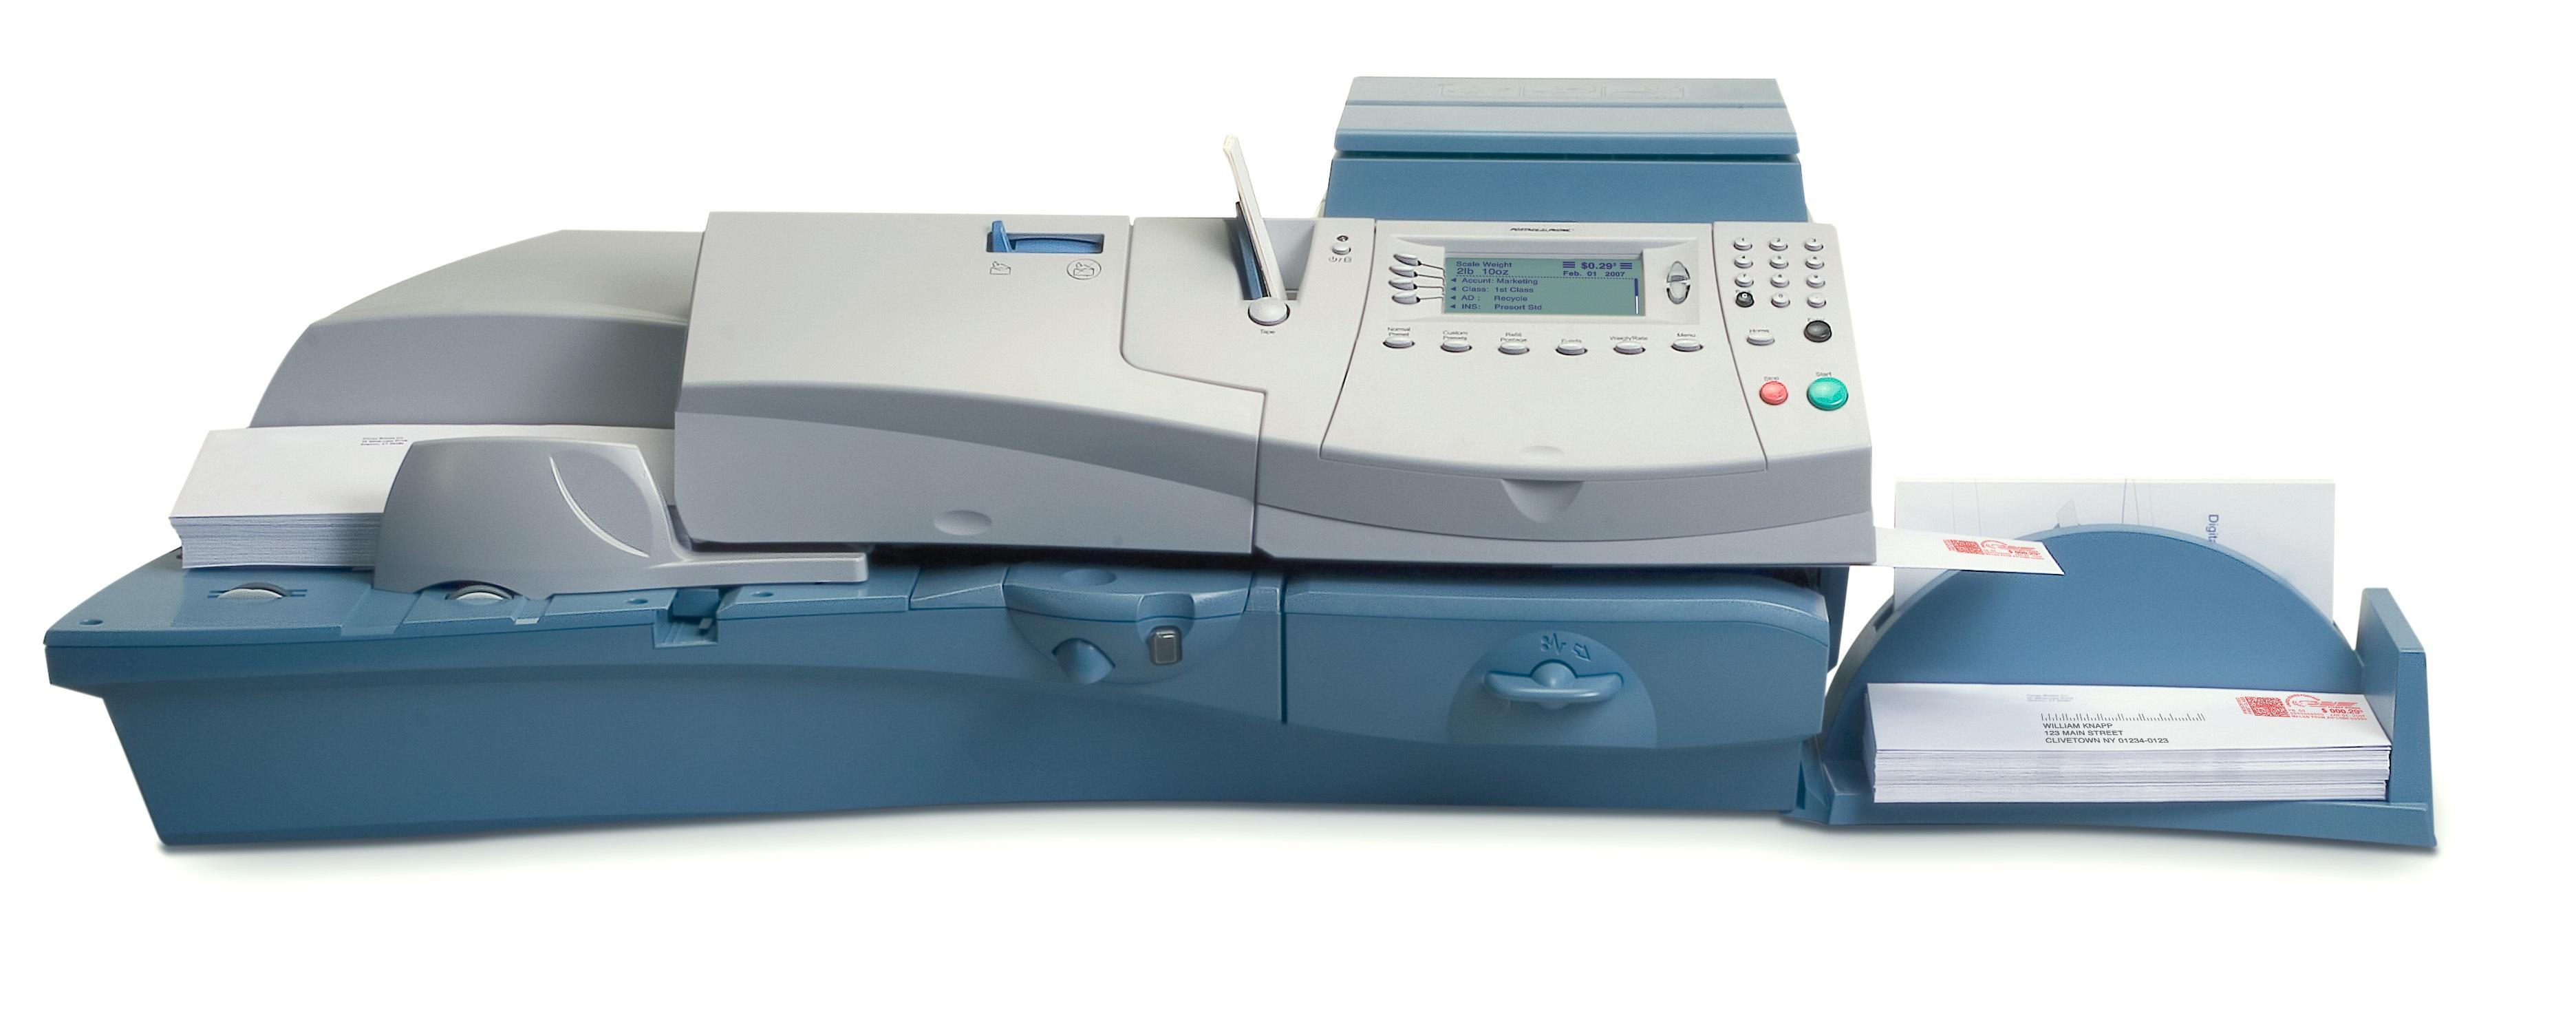 dm400 u2122 with sendpro u00ae tablet